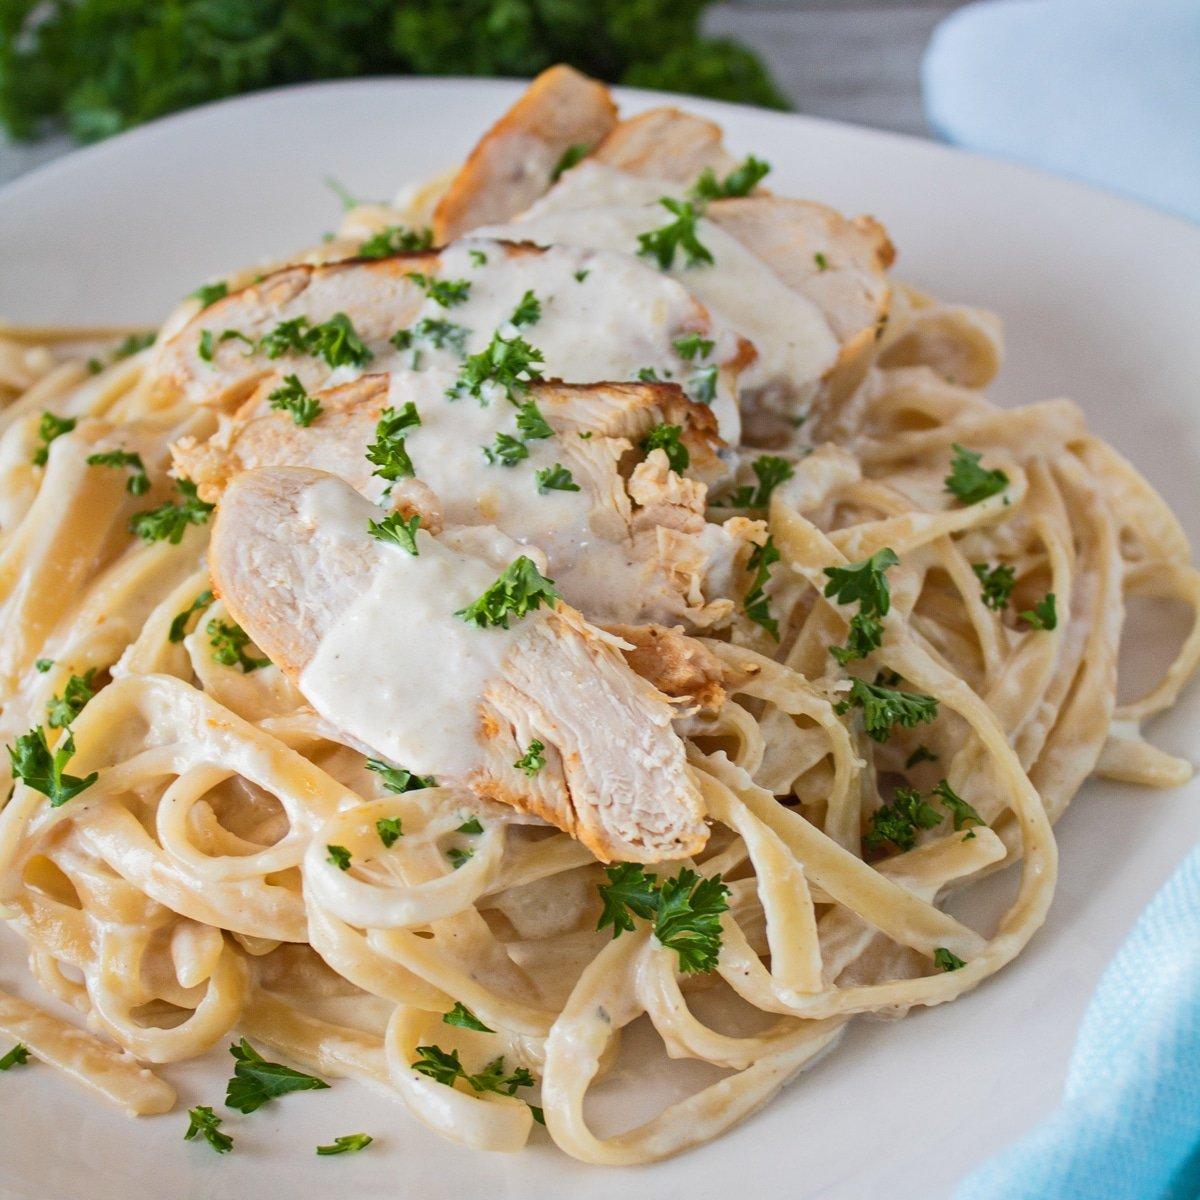 Grillet kylling fettuccine alfredo med skiver kylling serveret over pasta.